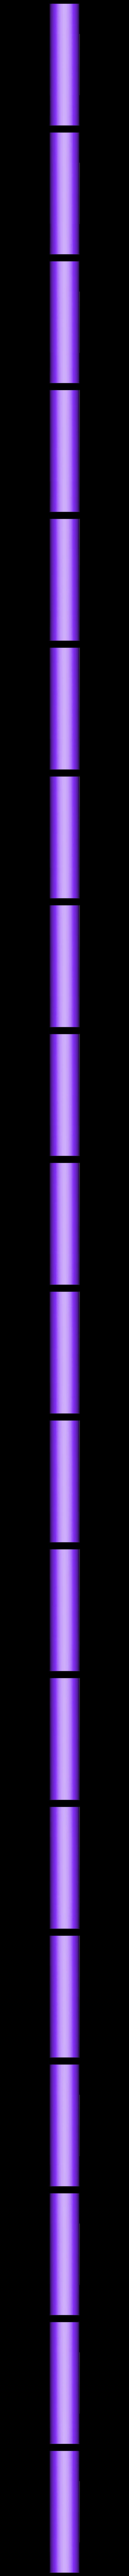 DeepDorsalVeinRight.stl Télécharger fichier STL Puzzle de la section tranchée du clitoris • Plan pour impression 3D, 3D_Maniac